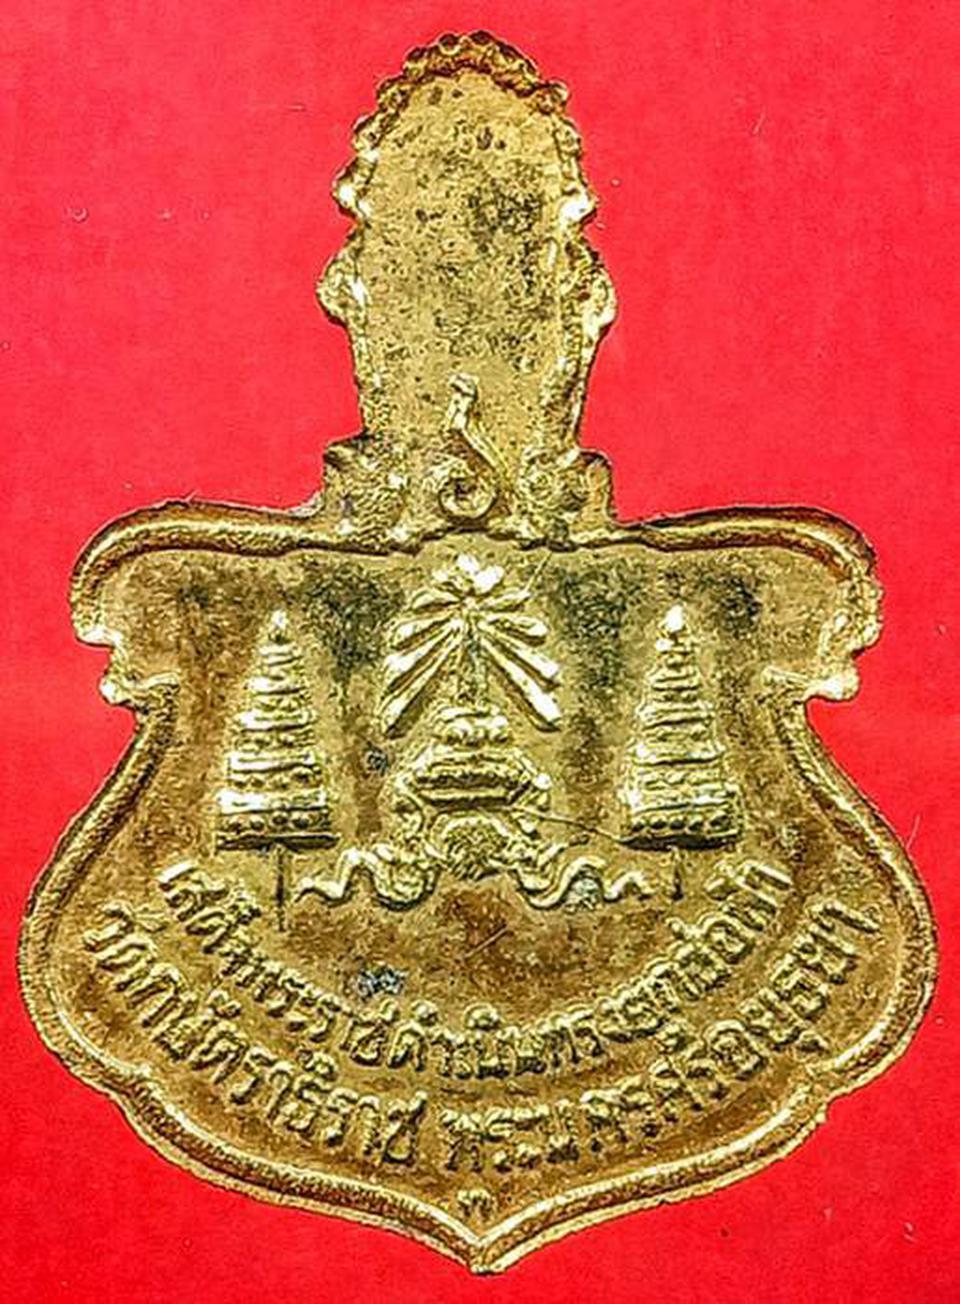 หลวงปู่เทียม วัดกษัตราธิราช เสด็จพระราชดำเนิน ปี19 รูปที่ 1